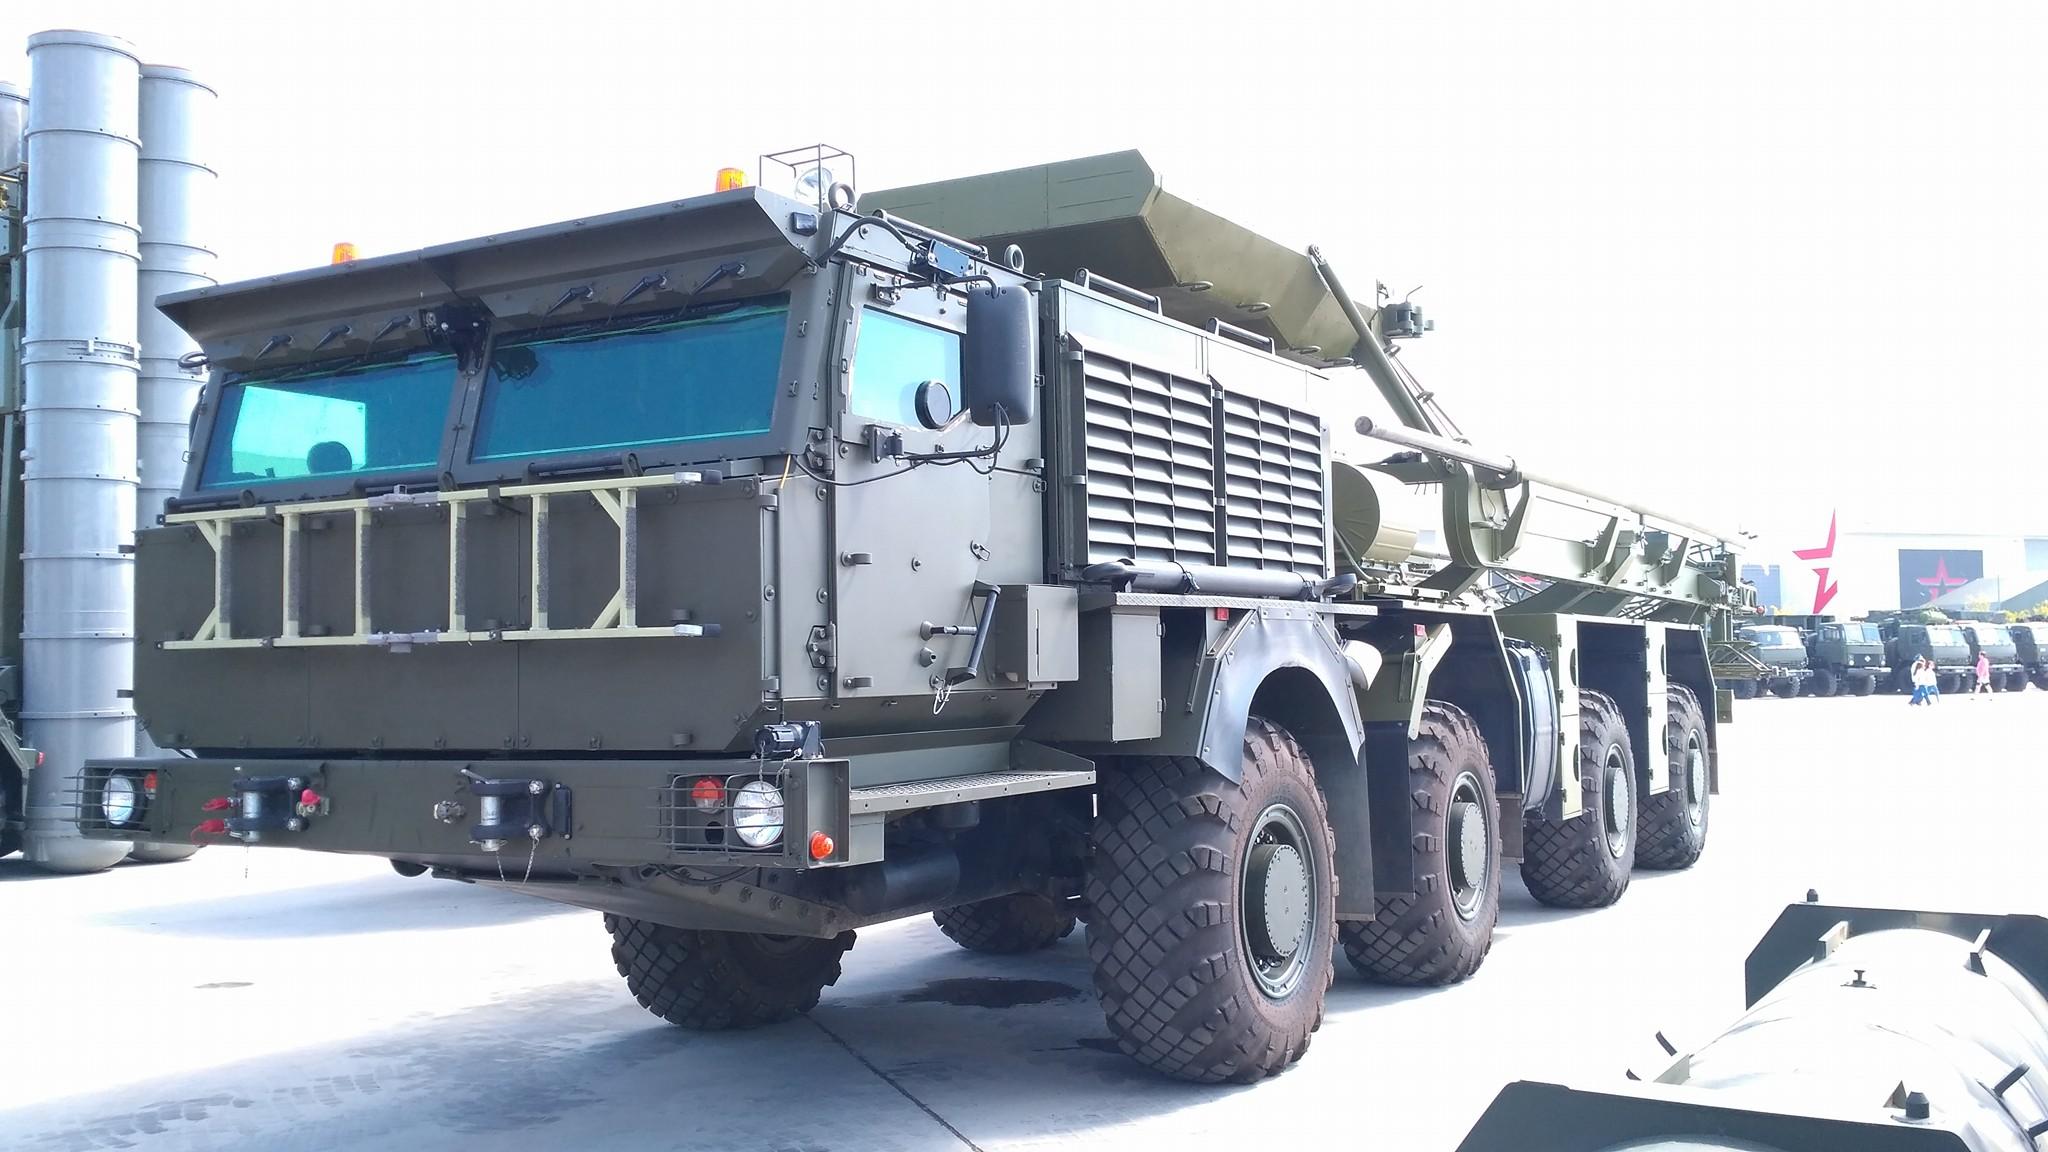 """Колесное шасси К-78054 ОКР """"Платформа-О"""" в экспозиции форума """"Армия-2017"""""""